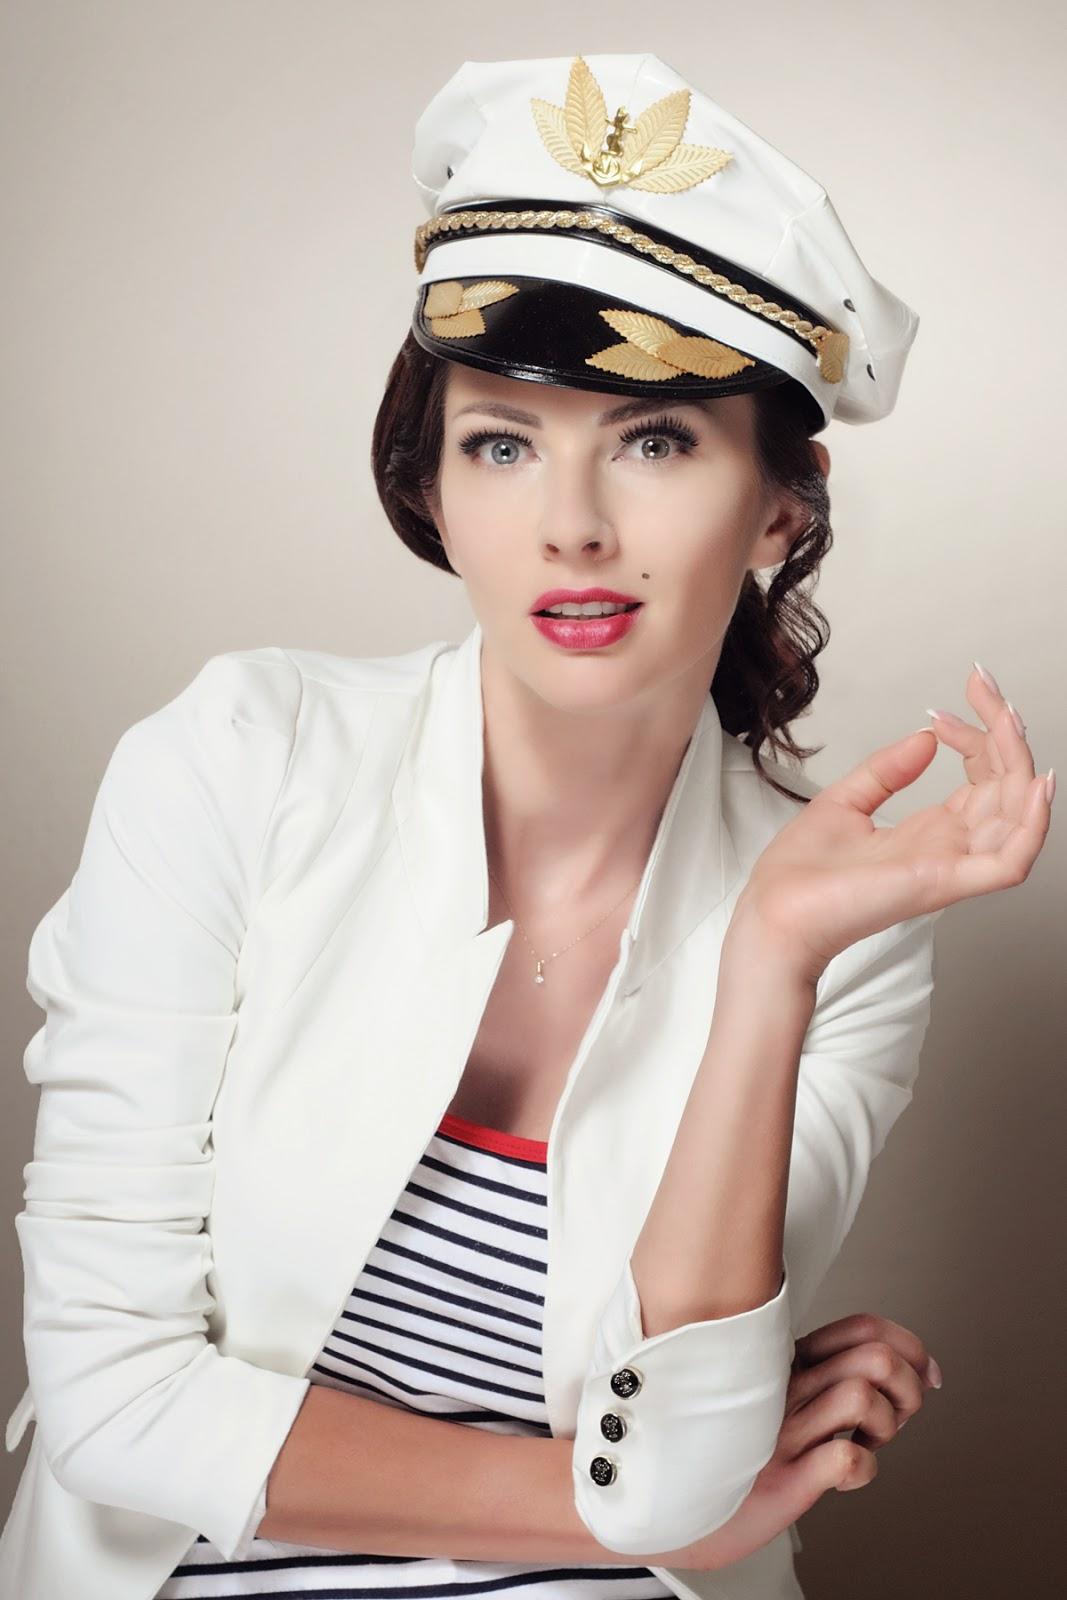 [131.] Sesja beauty: marynarskie klimaty oraz moja propozycja makijażu ślubnego.